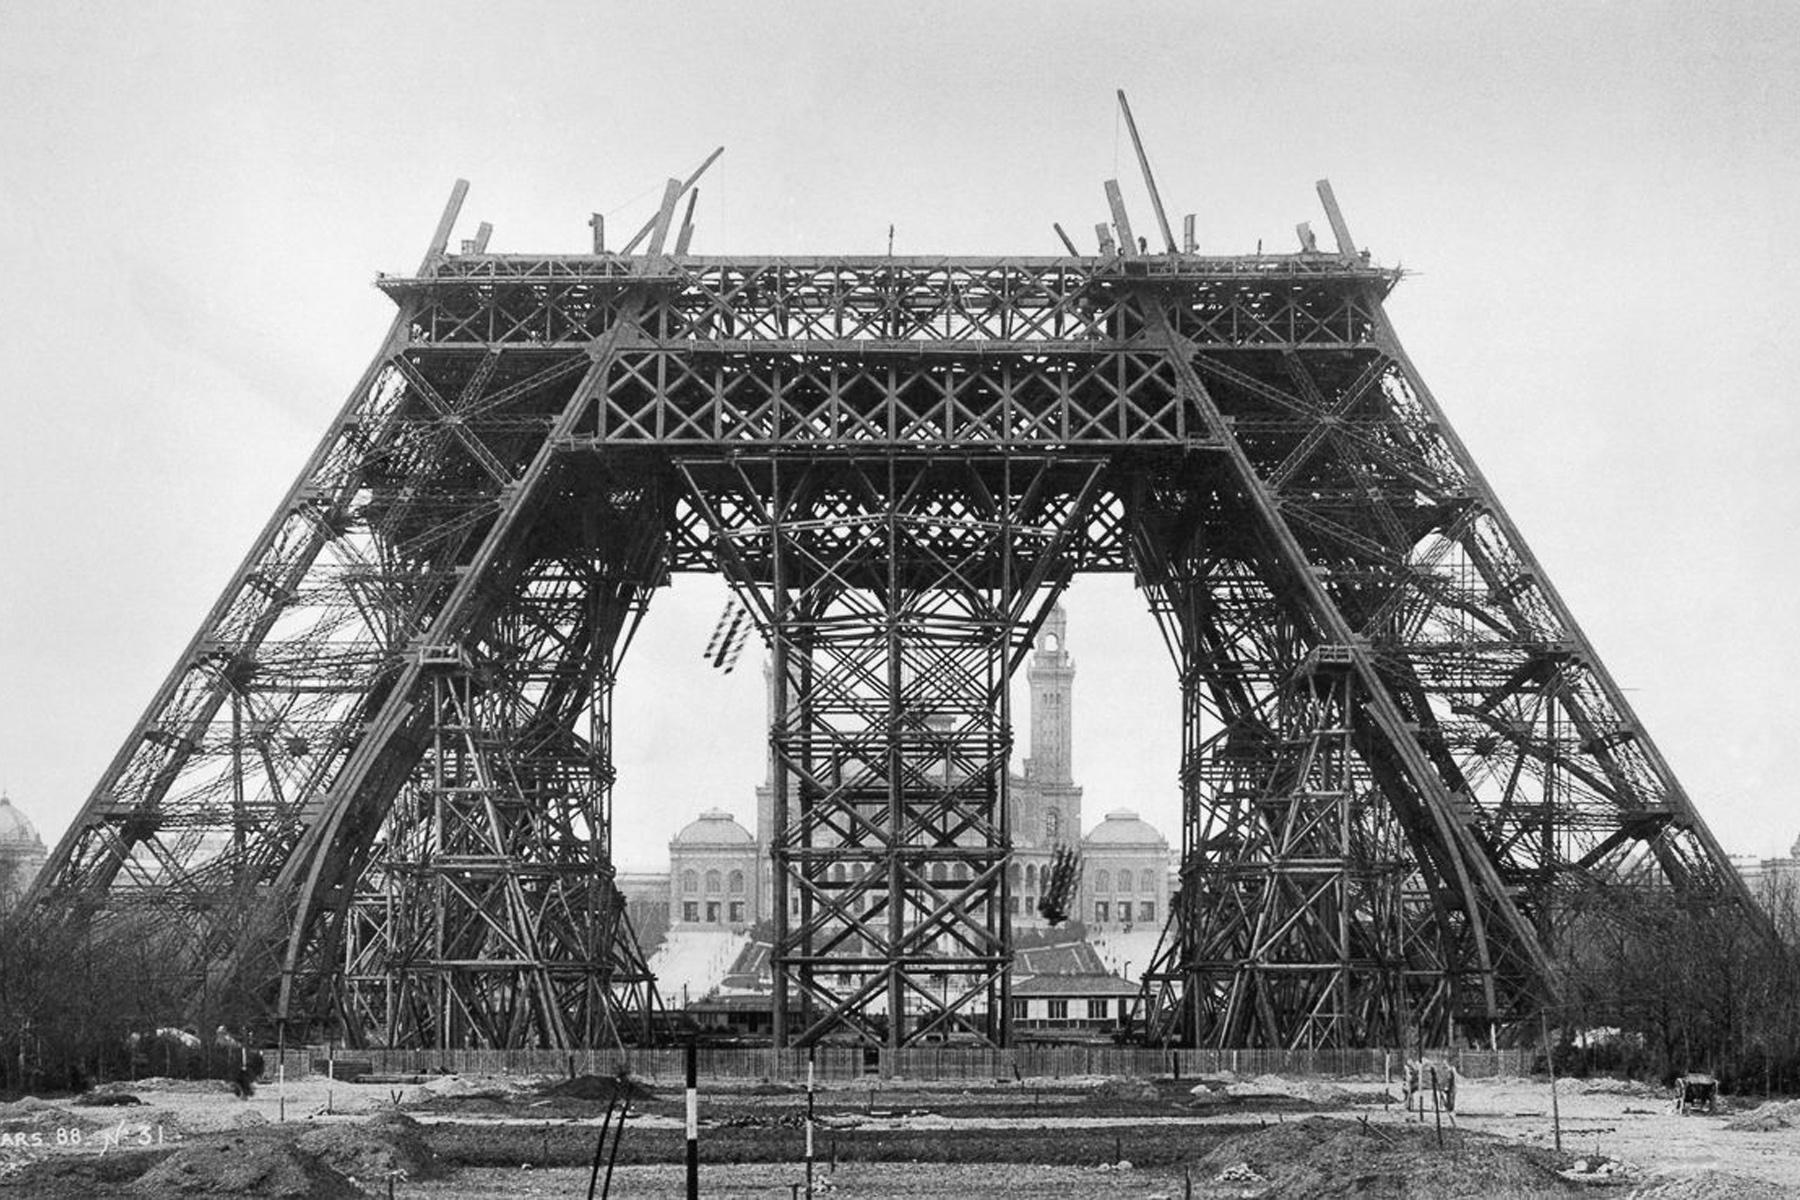 Ретрофото самой романтичной достопримечательности на Земле: как строили Эйфелеву башню 130 лет назад достопримечательности,интересное,мир